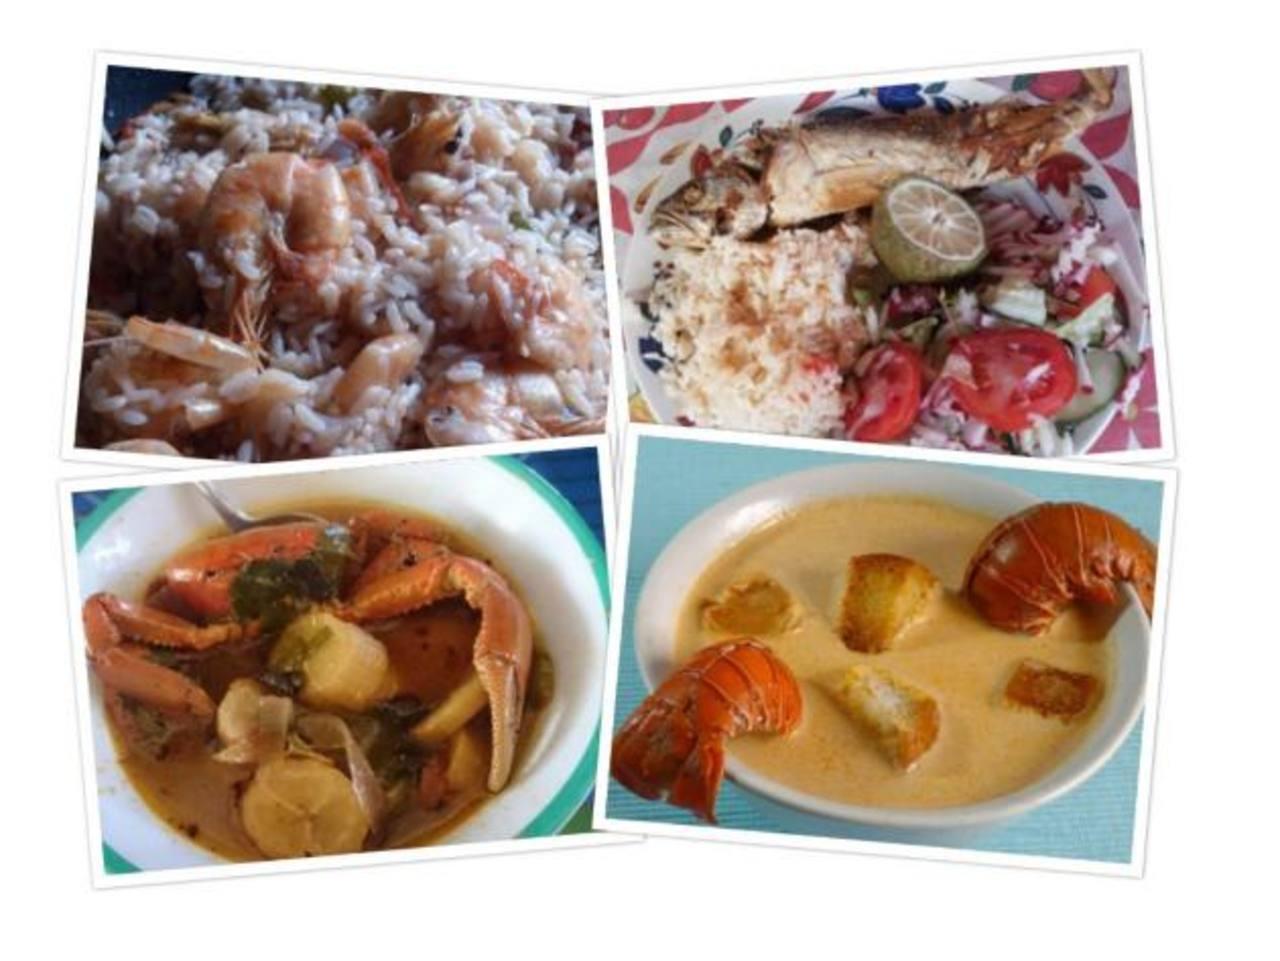 FOTOS: 10 platillos marinos del menú salvadoreño